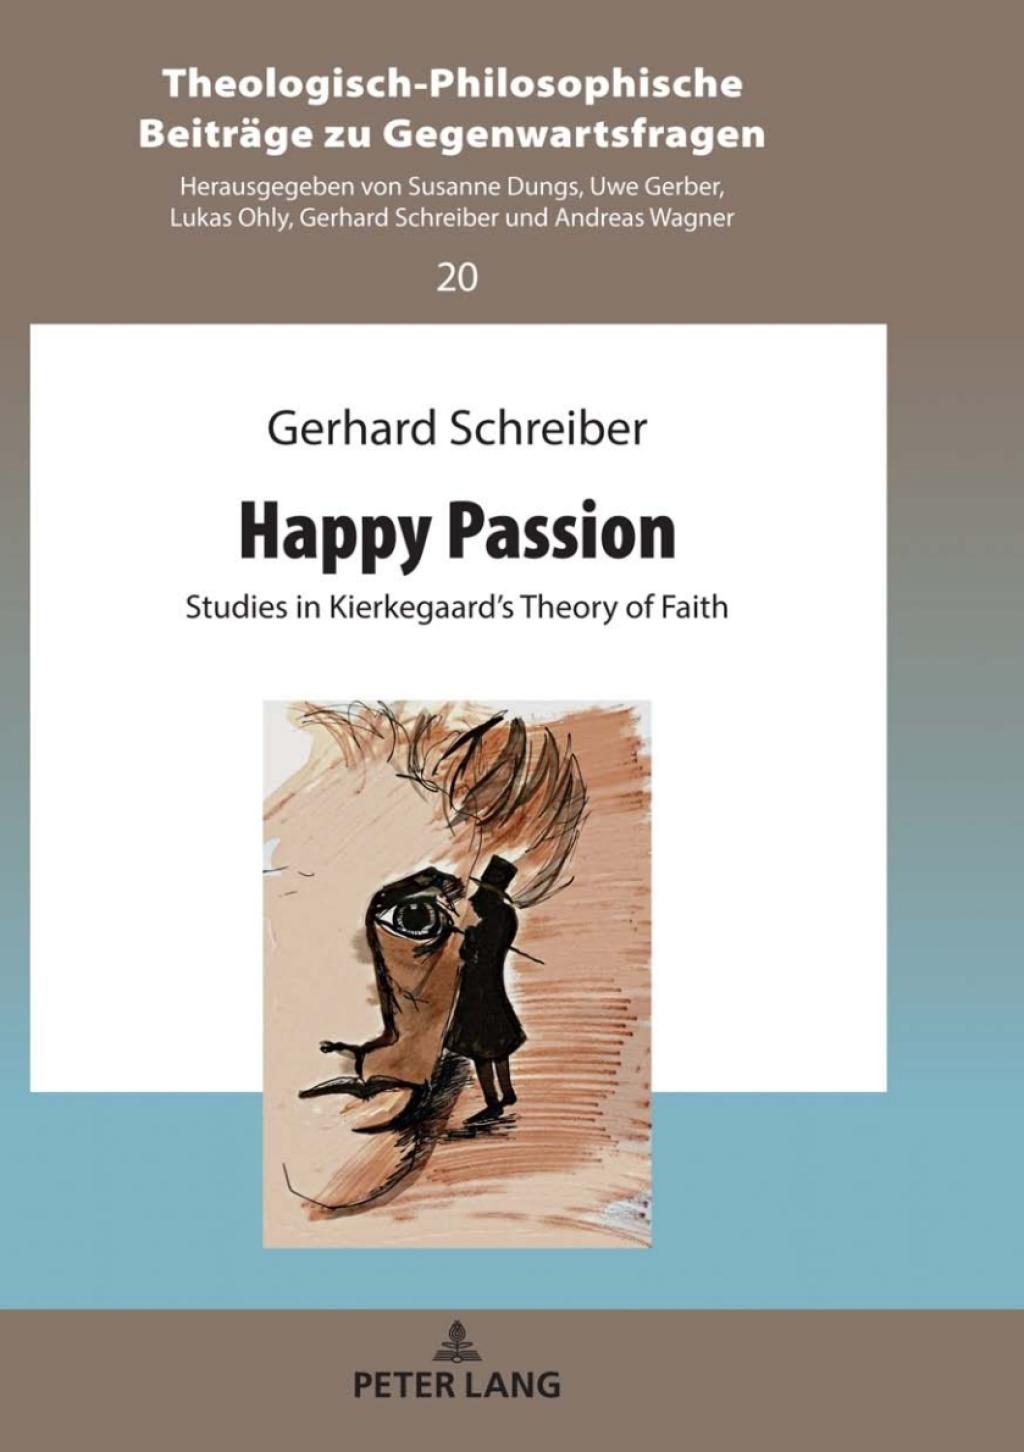 Happy Passion (eBook) - Gerhard Schreiber